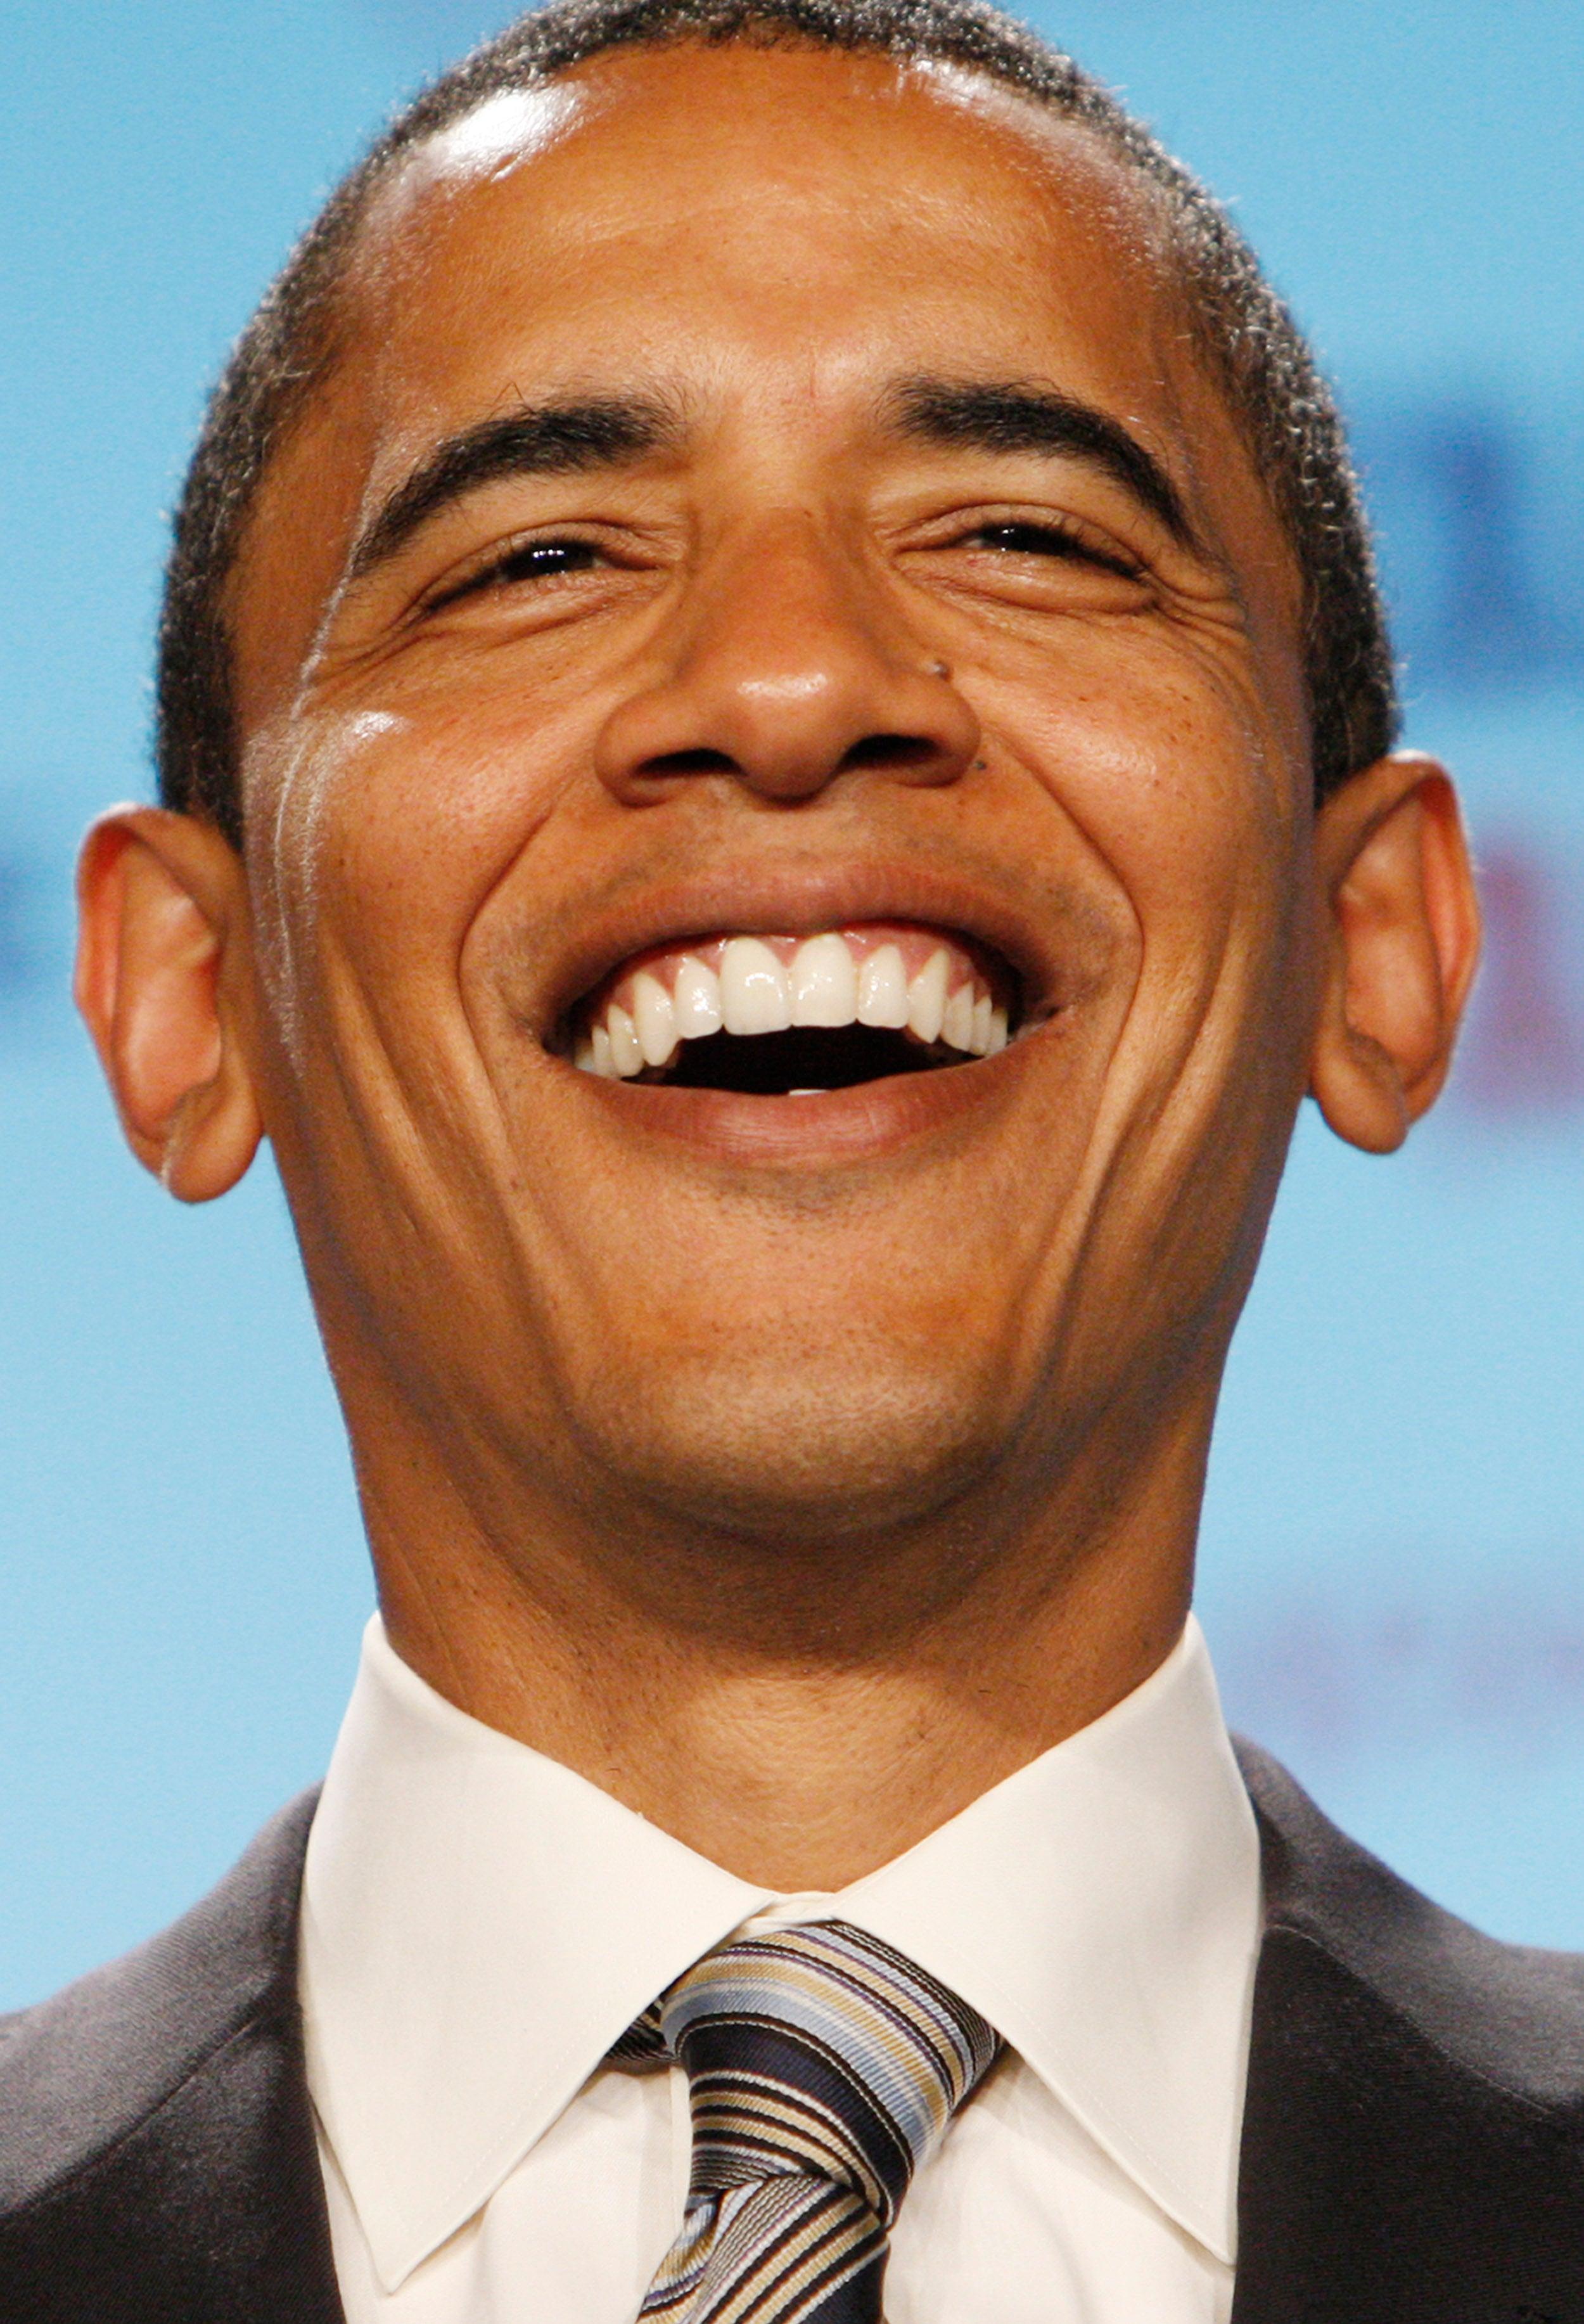 Inside President Obama's Birthday Party